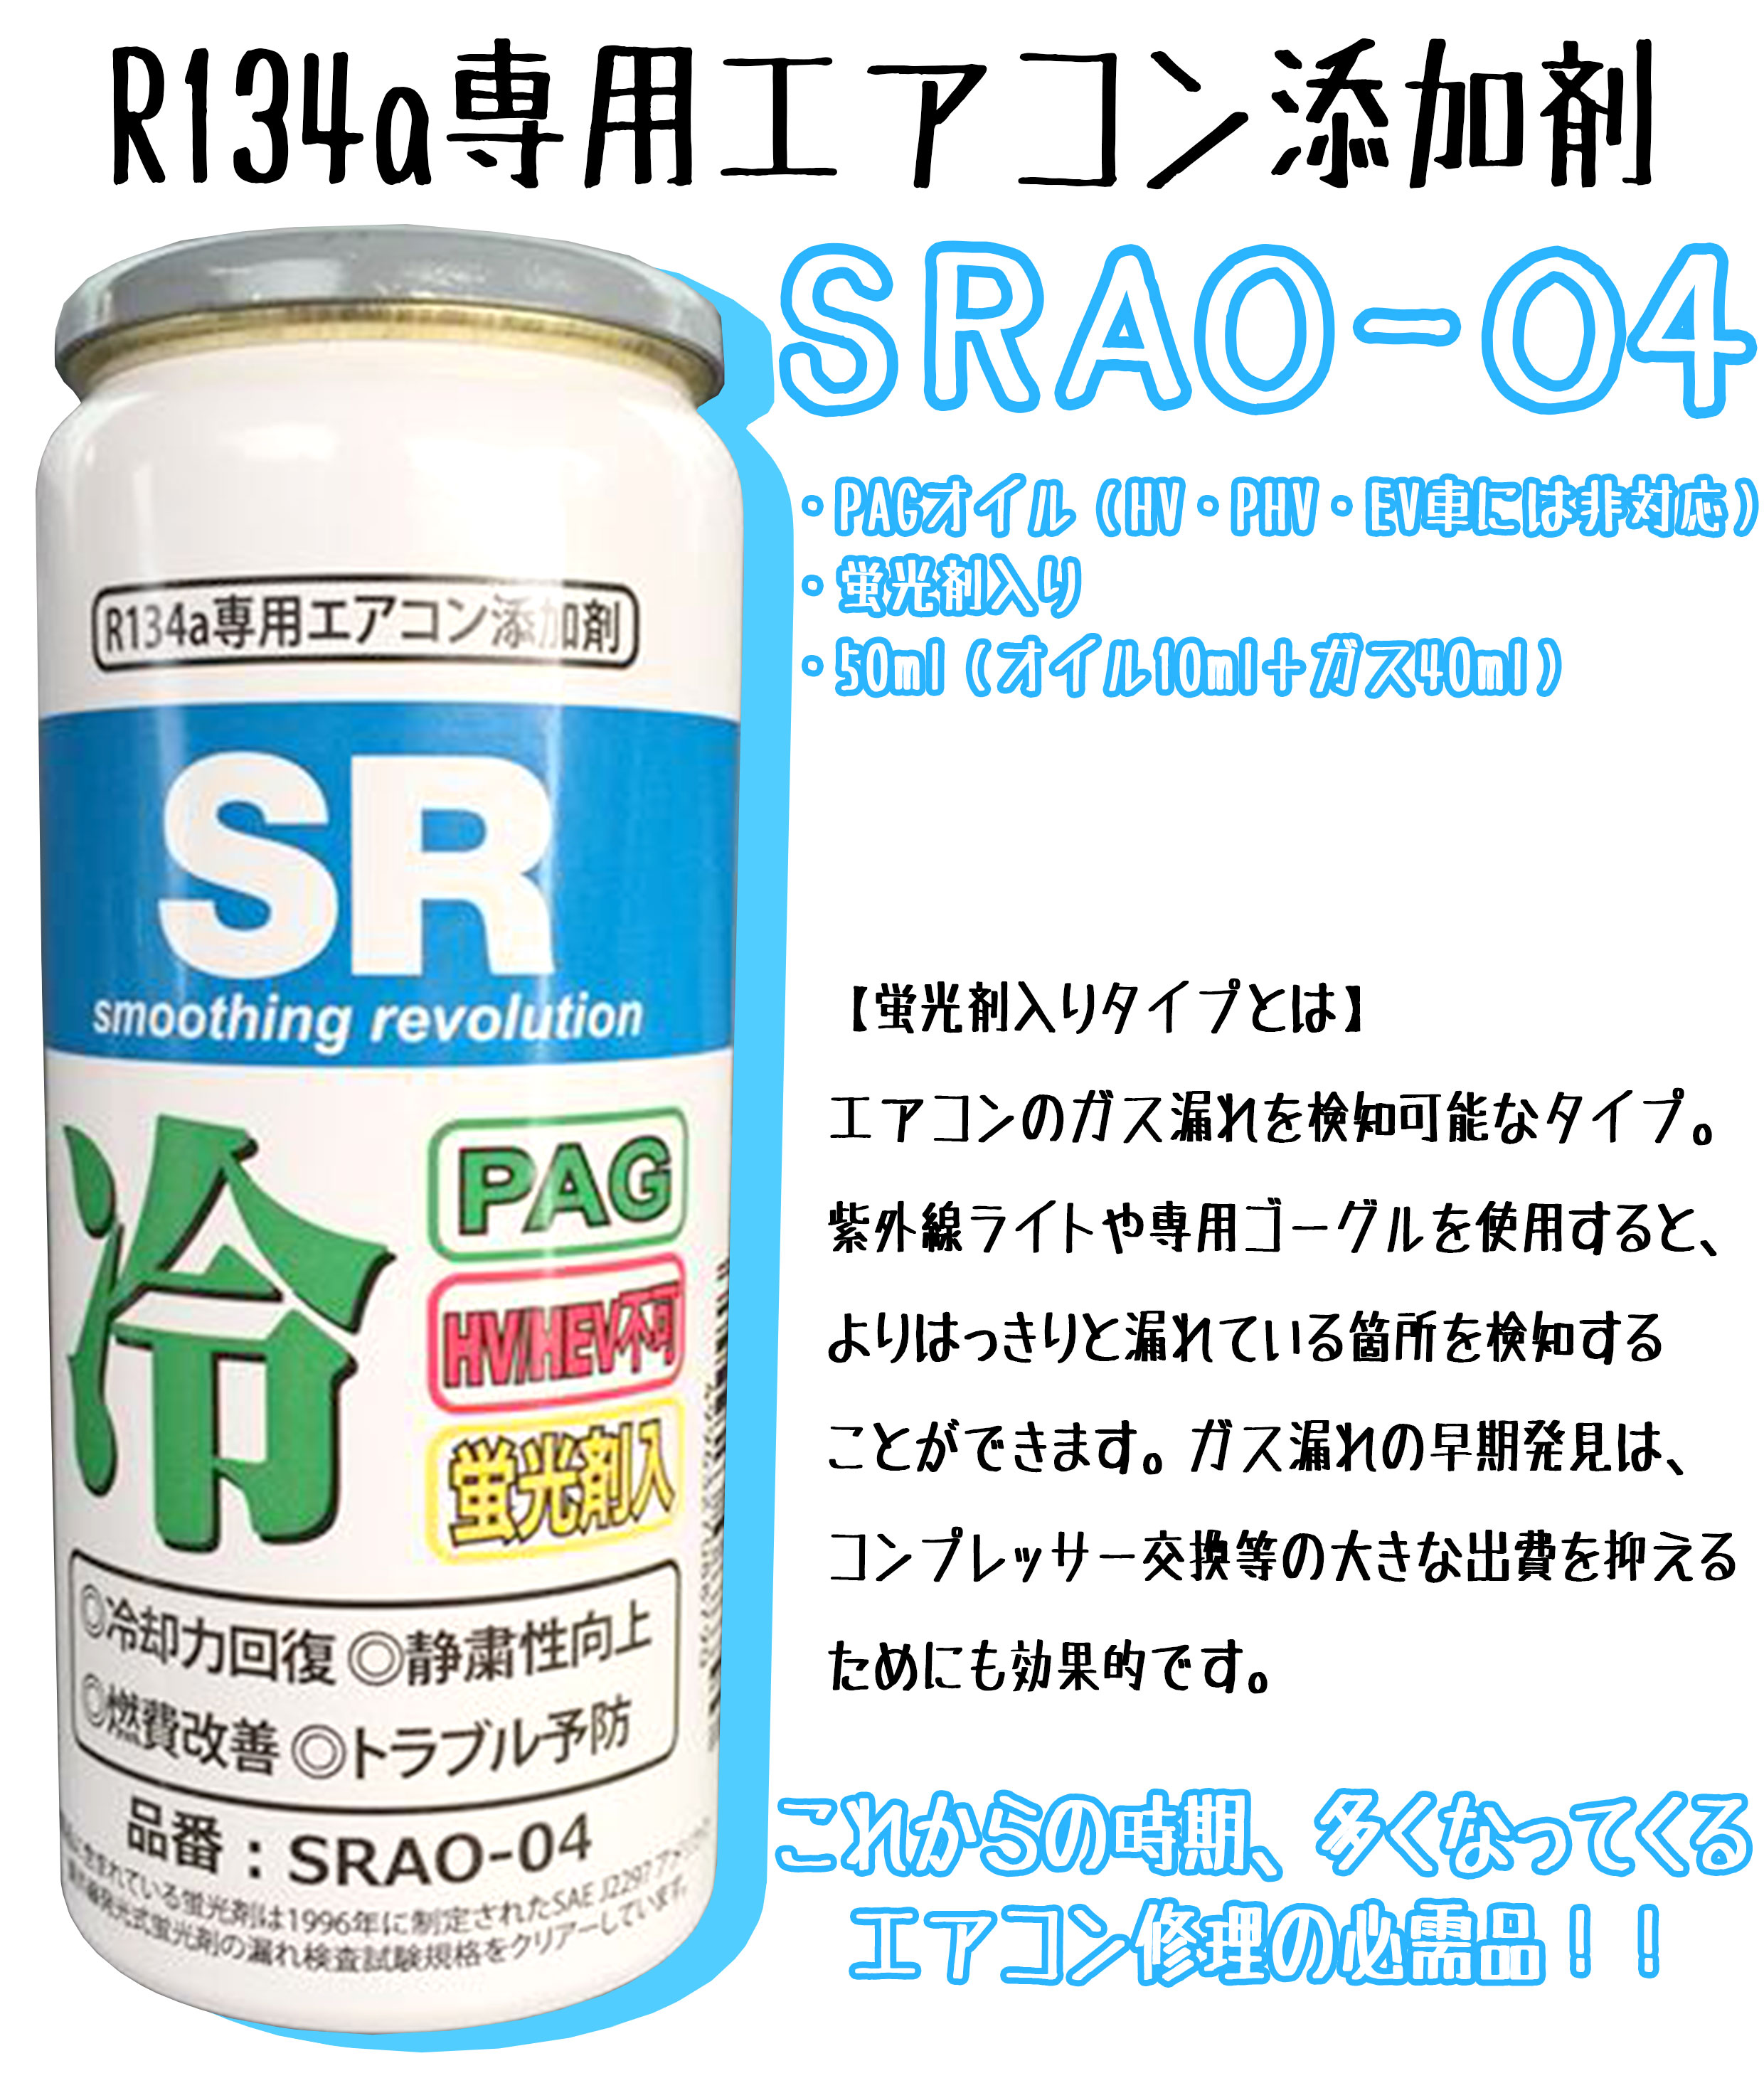 RSAO-04